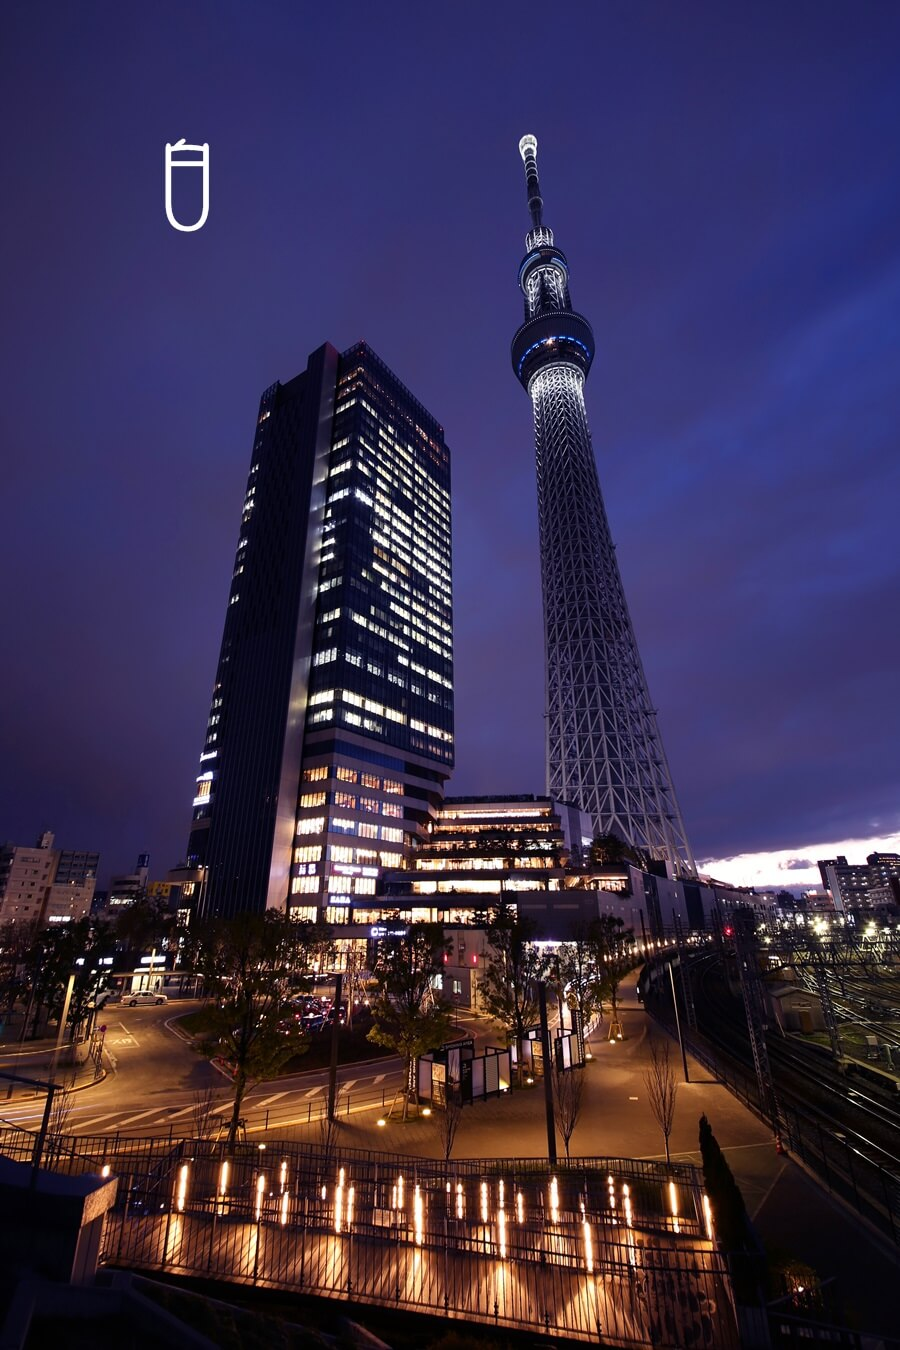 tokyo_skytree_white   東京スカイツリー『 白 』東京大空襲への鎮魂の思いをこめて。